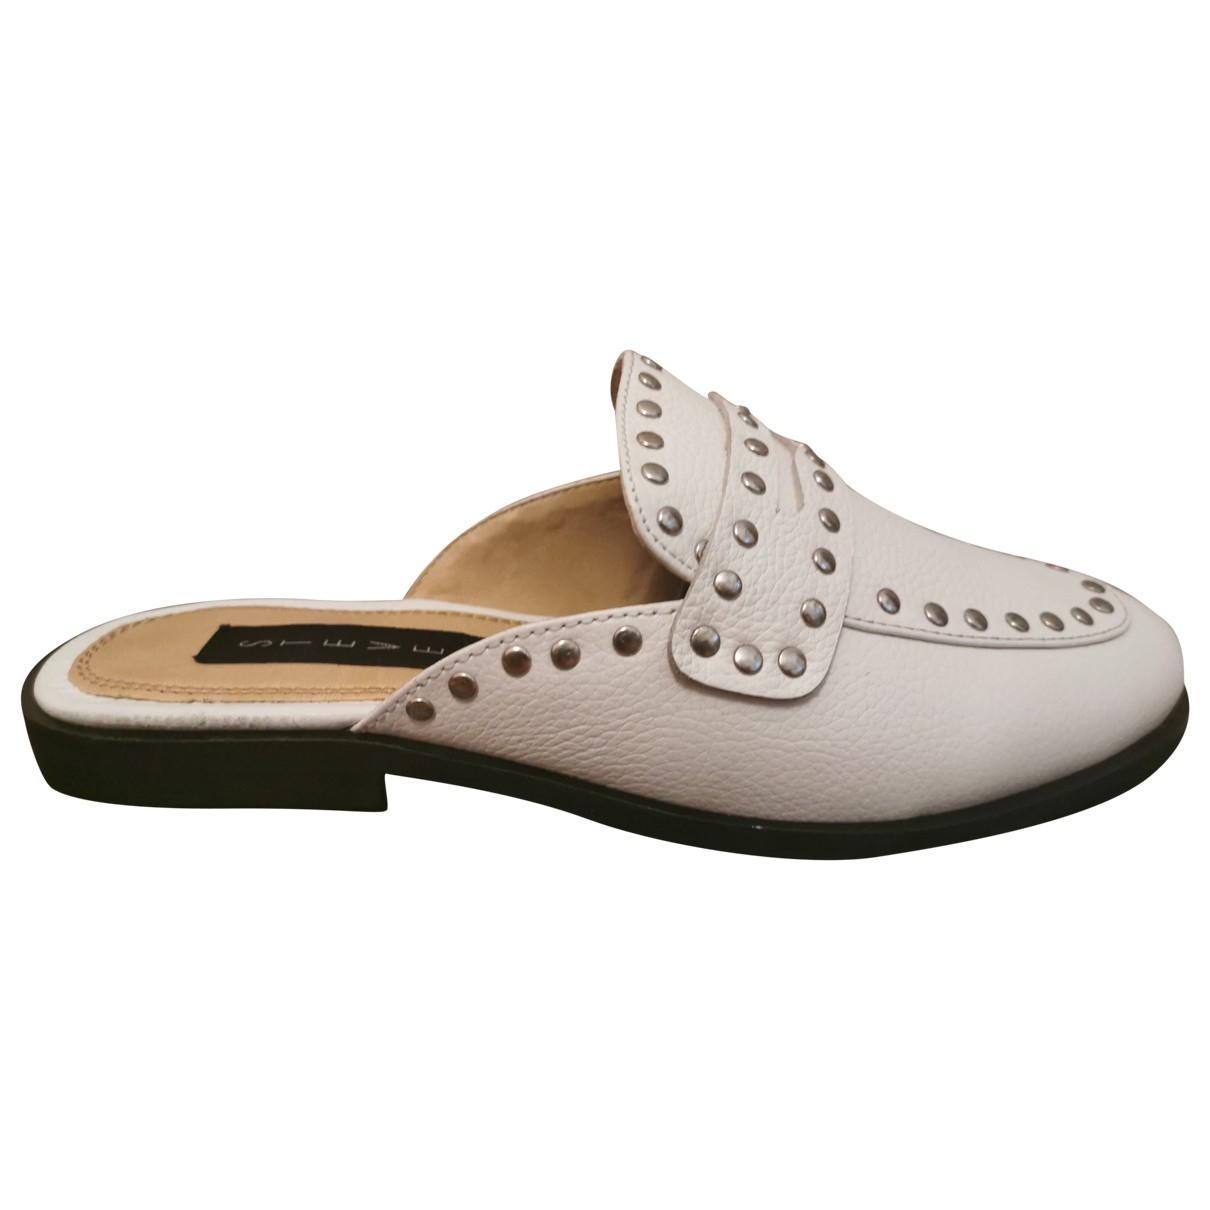 Steve Madden \N White Leather Flats for Women 36 EU